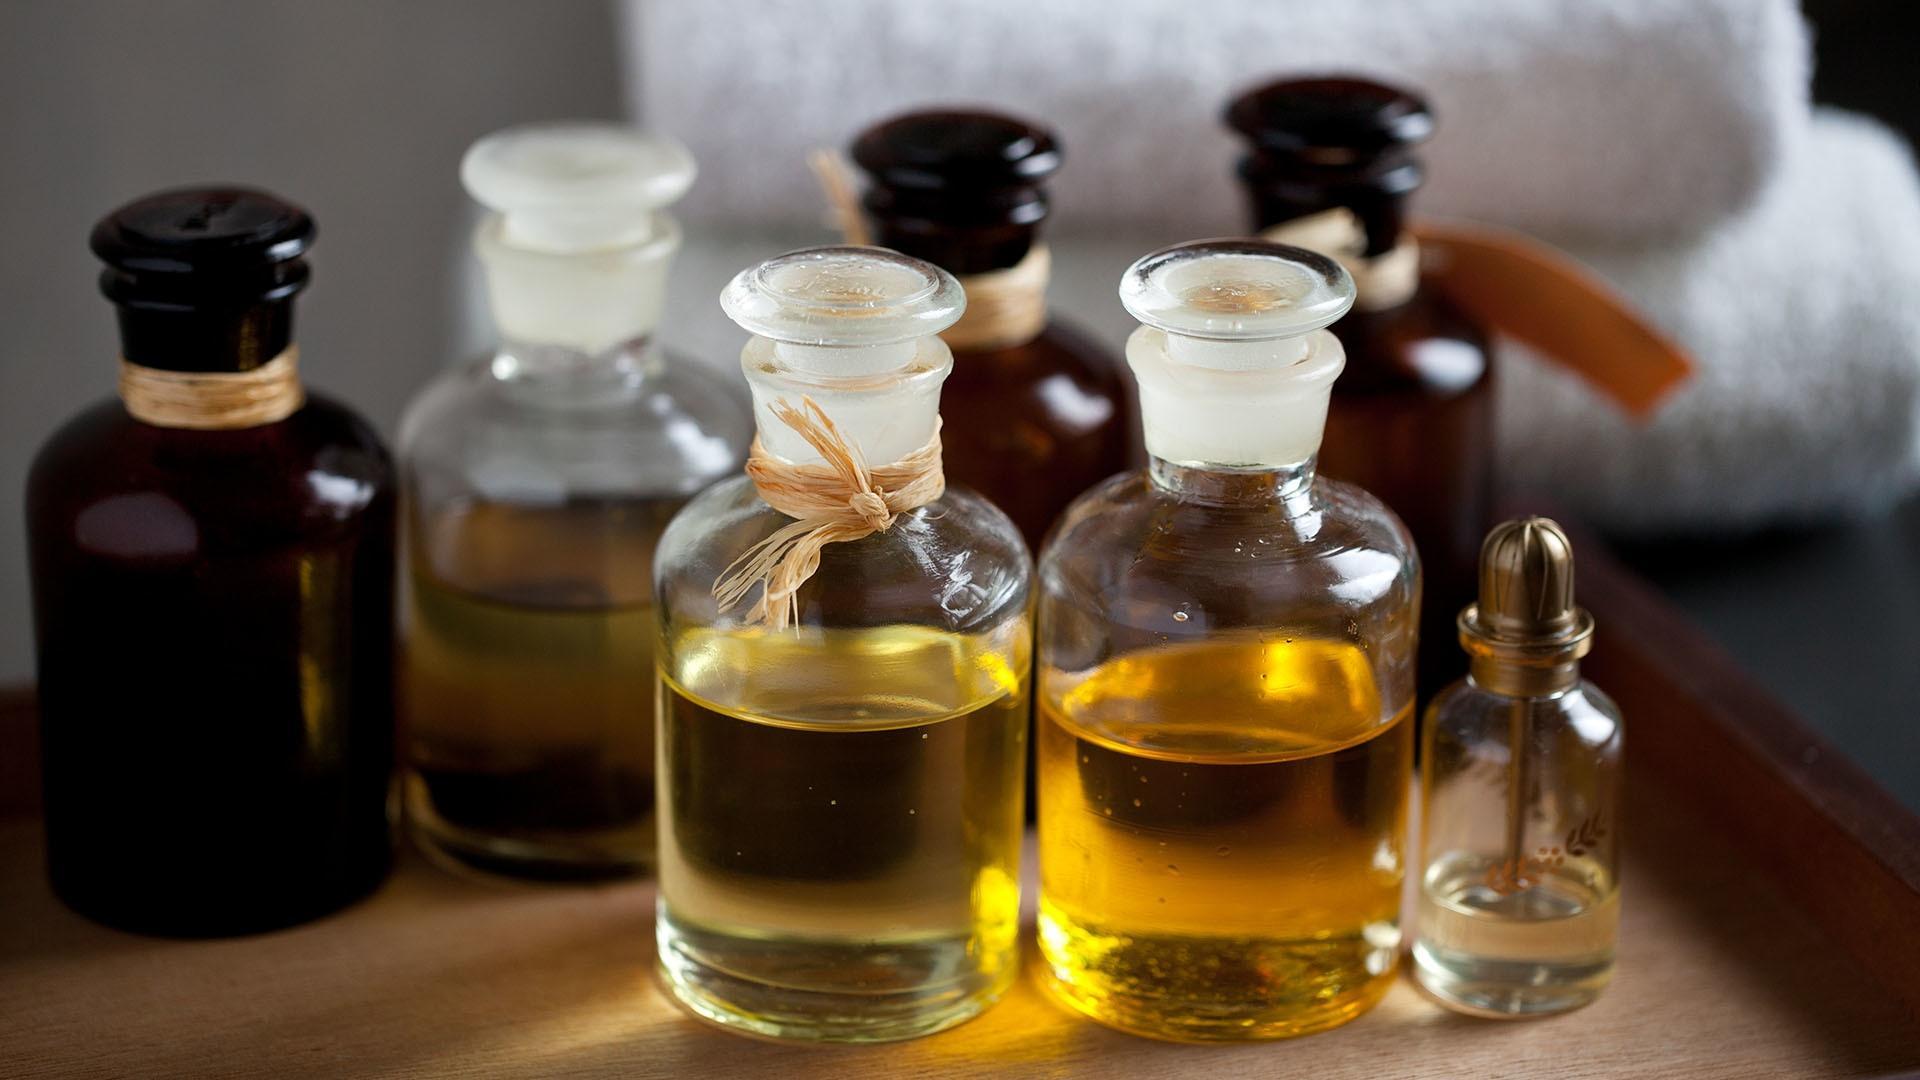 Эфирные масла могут стать причиной аномального роста груди у юношей